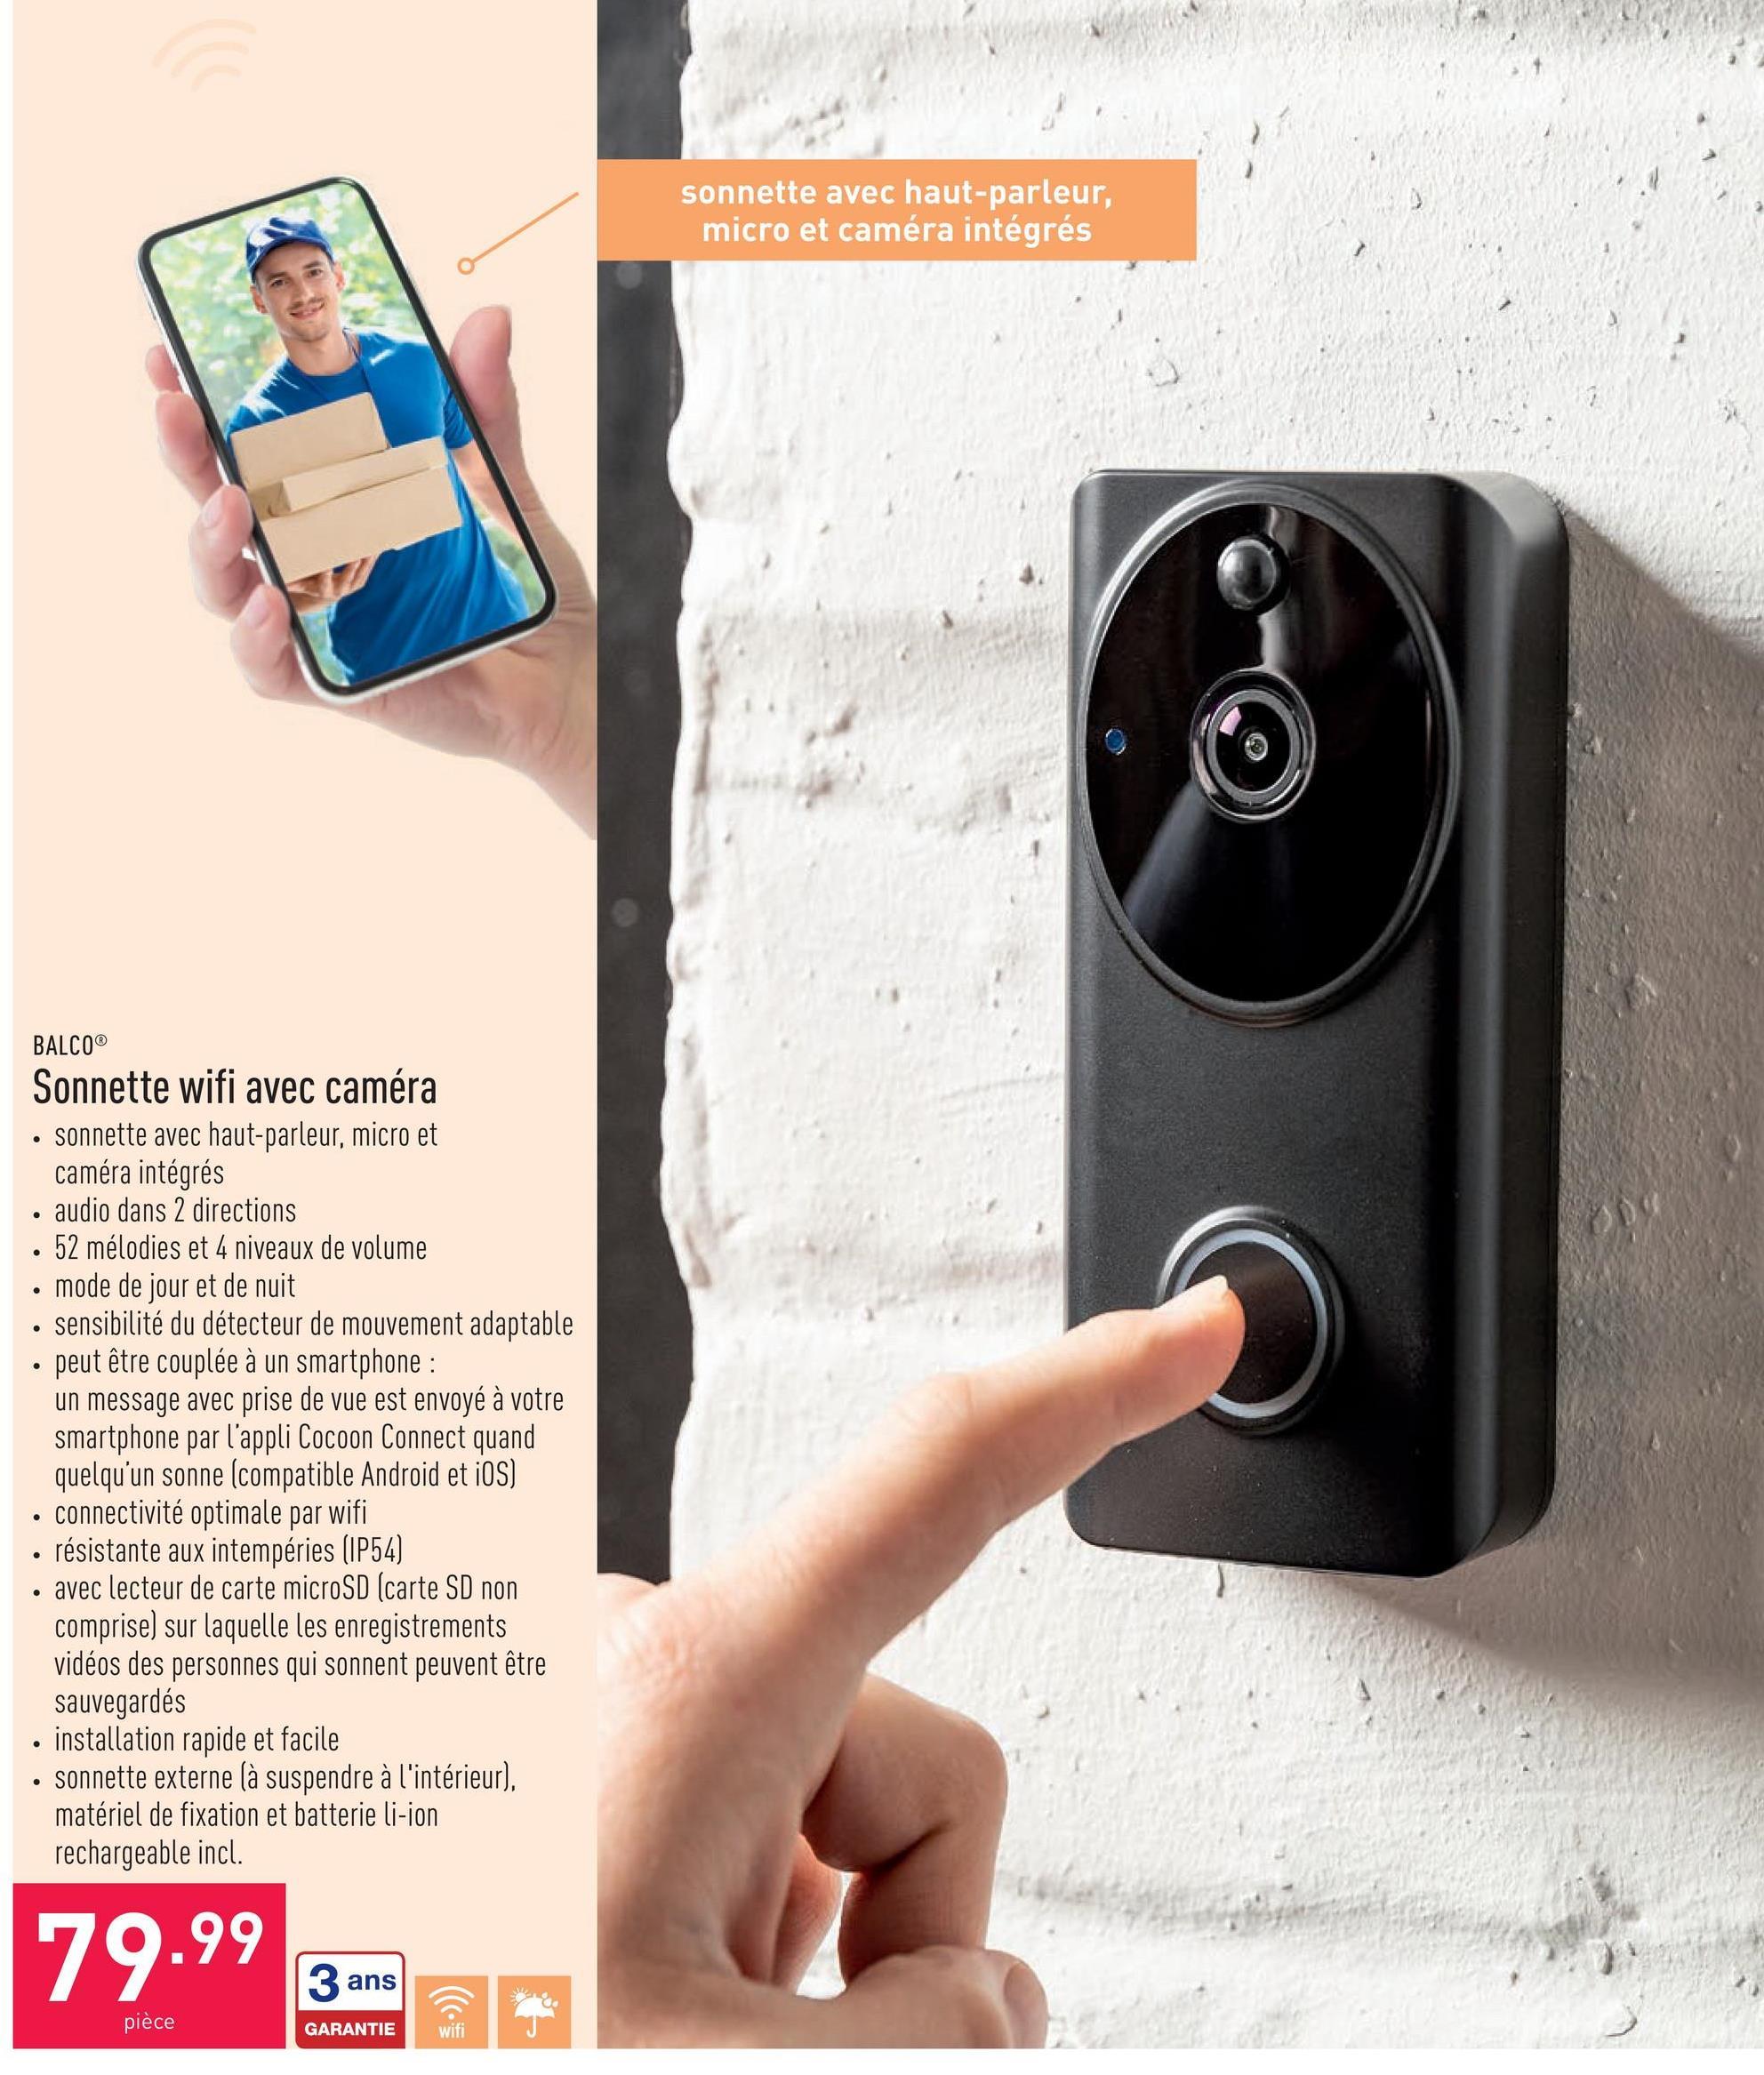 Sonnette wifi avec caméra sonnette avec haut-parleur, micro et caméra intégrésaudio dans 2 directions52 mélodies et 4 niveaux de volumemode de jour et de nuitsensibilité du détecteur de mouvement adaptablepeut être couplée à un smartphone : un message avec prise de vue est envoyé à votre smartphone par l'appli Cocoon Connect quand quelqu'un sonne (compatible Android et iOS)connectivité optimale par wifirésistante aux intempéries (IP54)avec lecteur de carte microSD (carte SD non comprise) sur laquelle les enregistrements vidéos des personnes qui sonnent peuvent être sauvegardésinstallation rapide et facilesonnette externe (à suspendre à l'intérieur), matériel de fixation et batterie li-ion rechargeable incl.